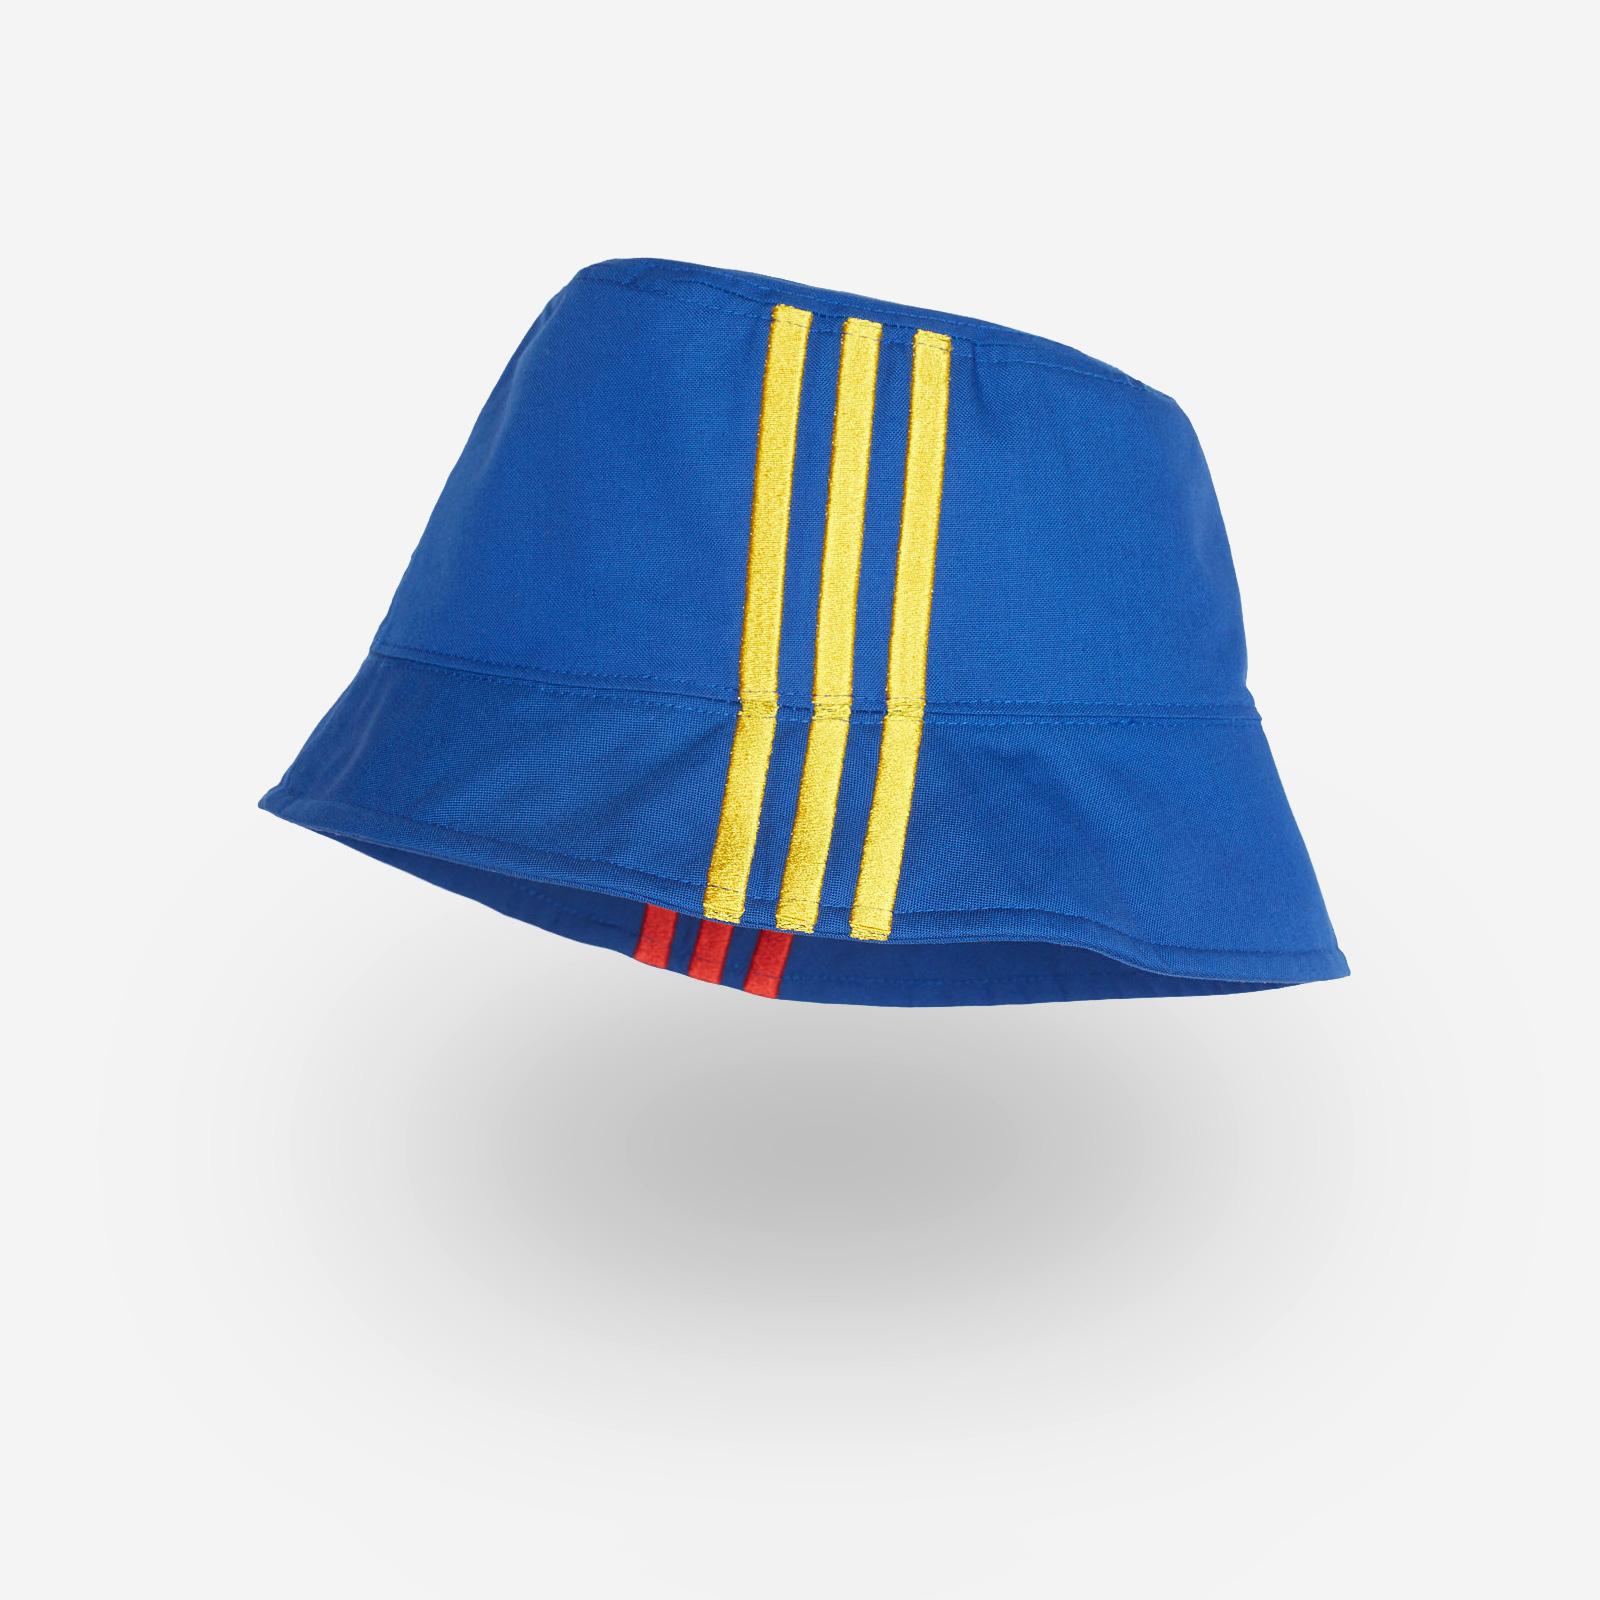 hot sale online 6db99 3a6b8 adidas Bucket Hat x Engineered Garments - Dw4358 ...